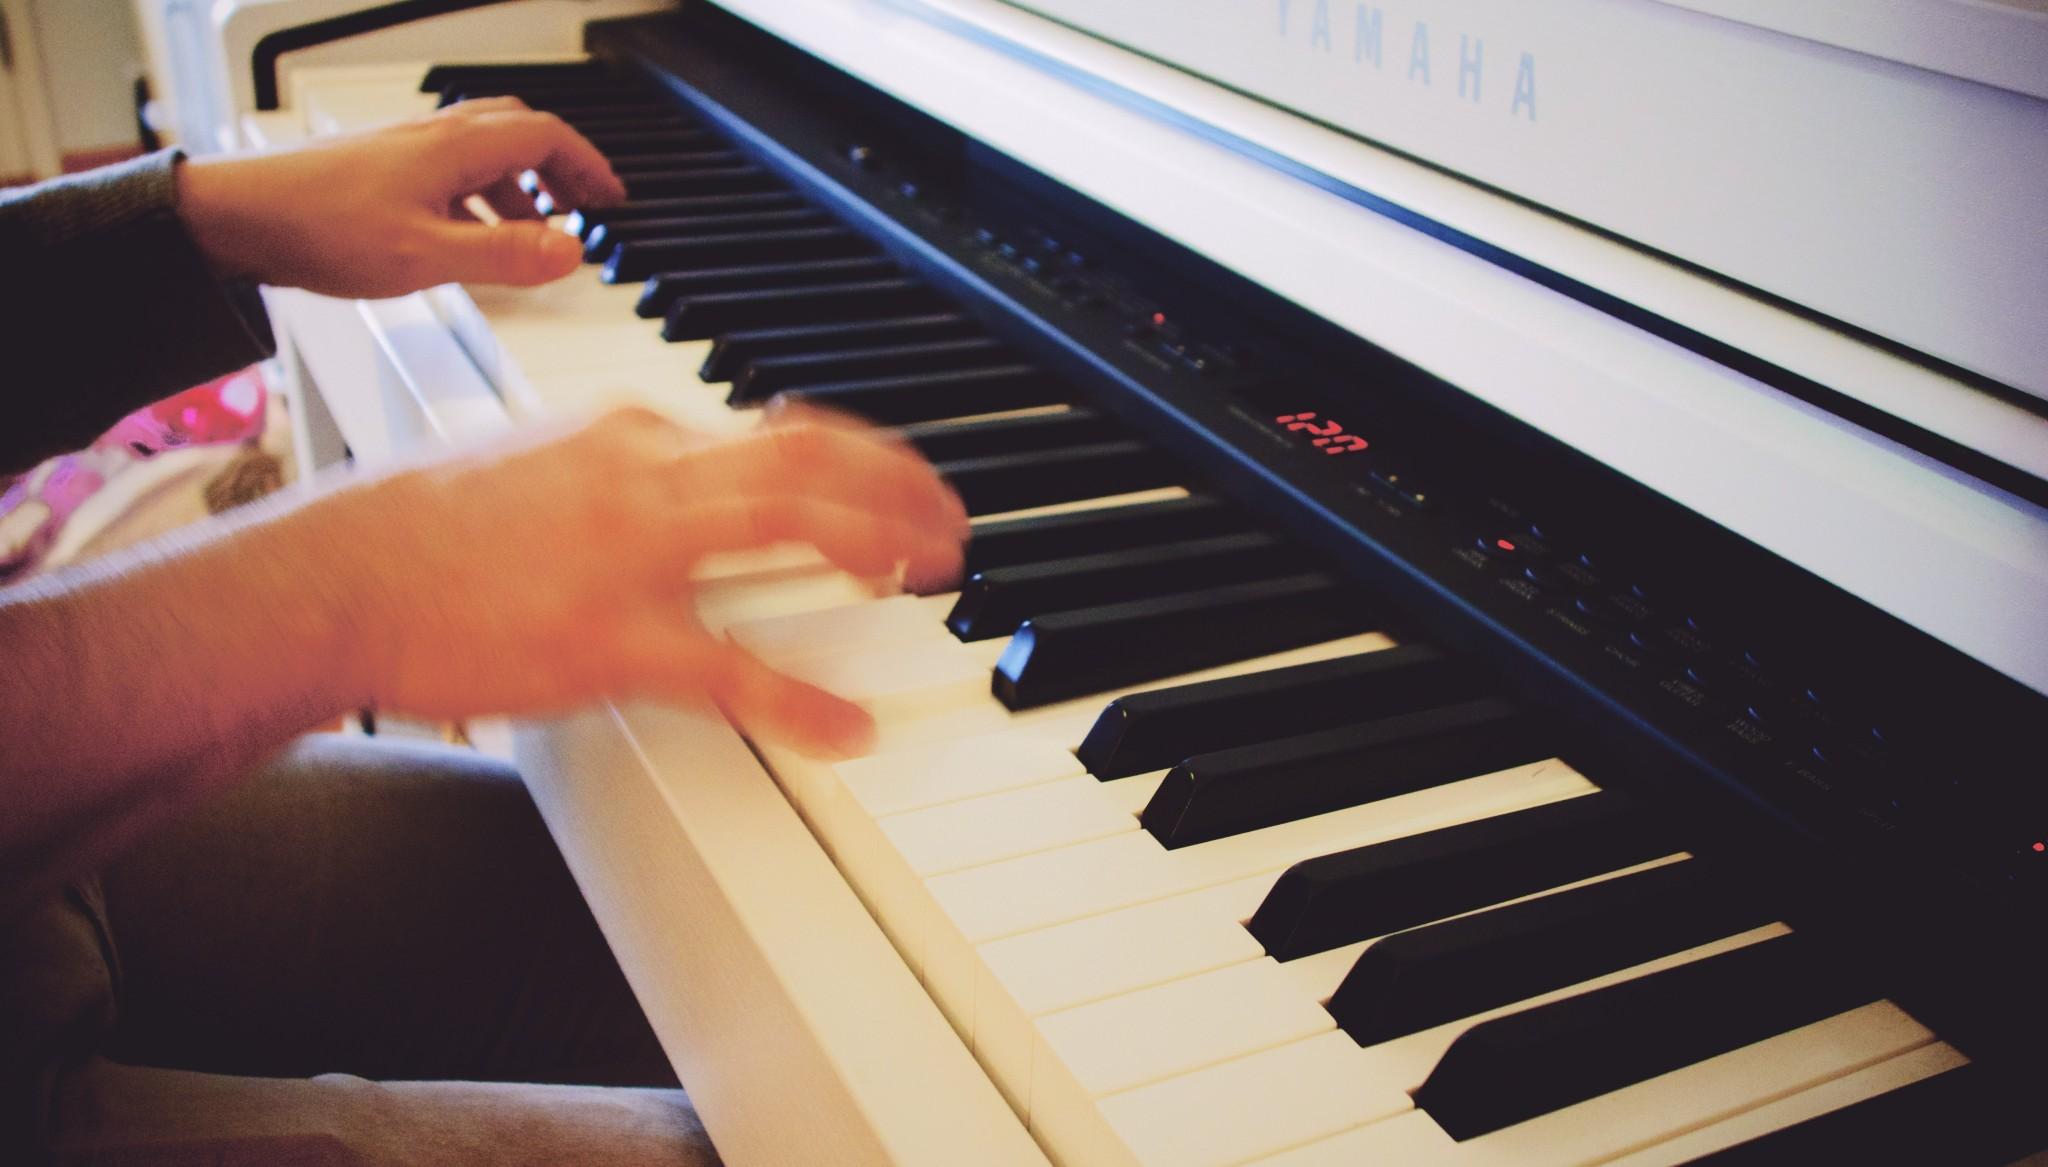 Băiat cântând la pian, se văd numai mâinile pe clape